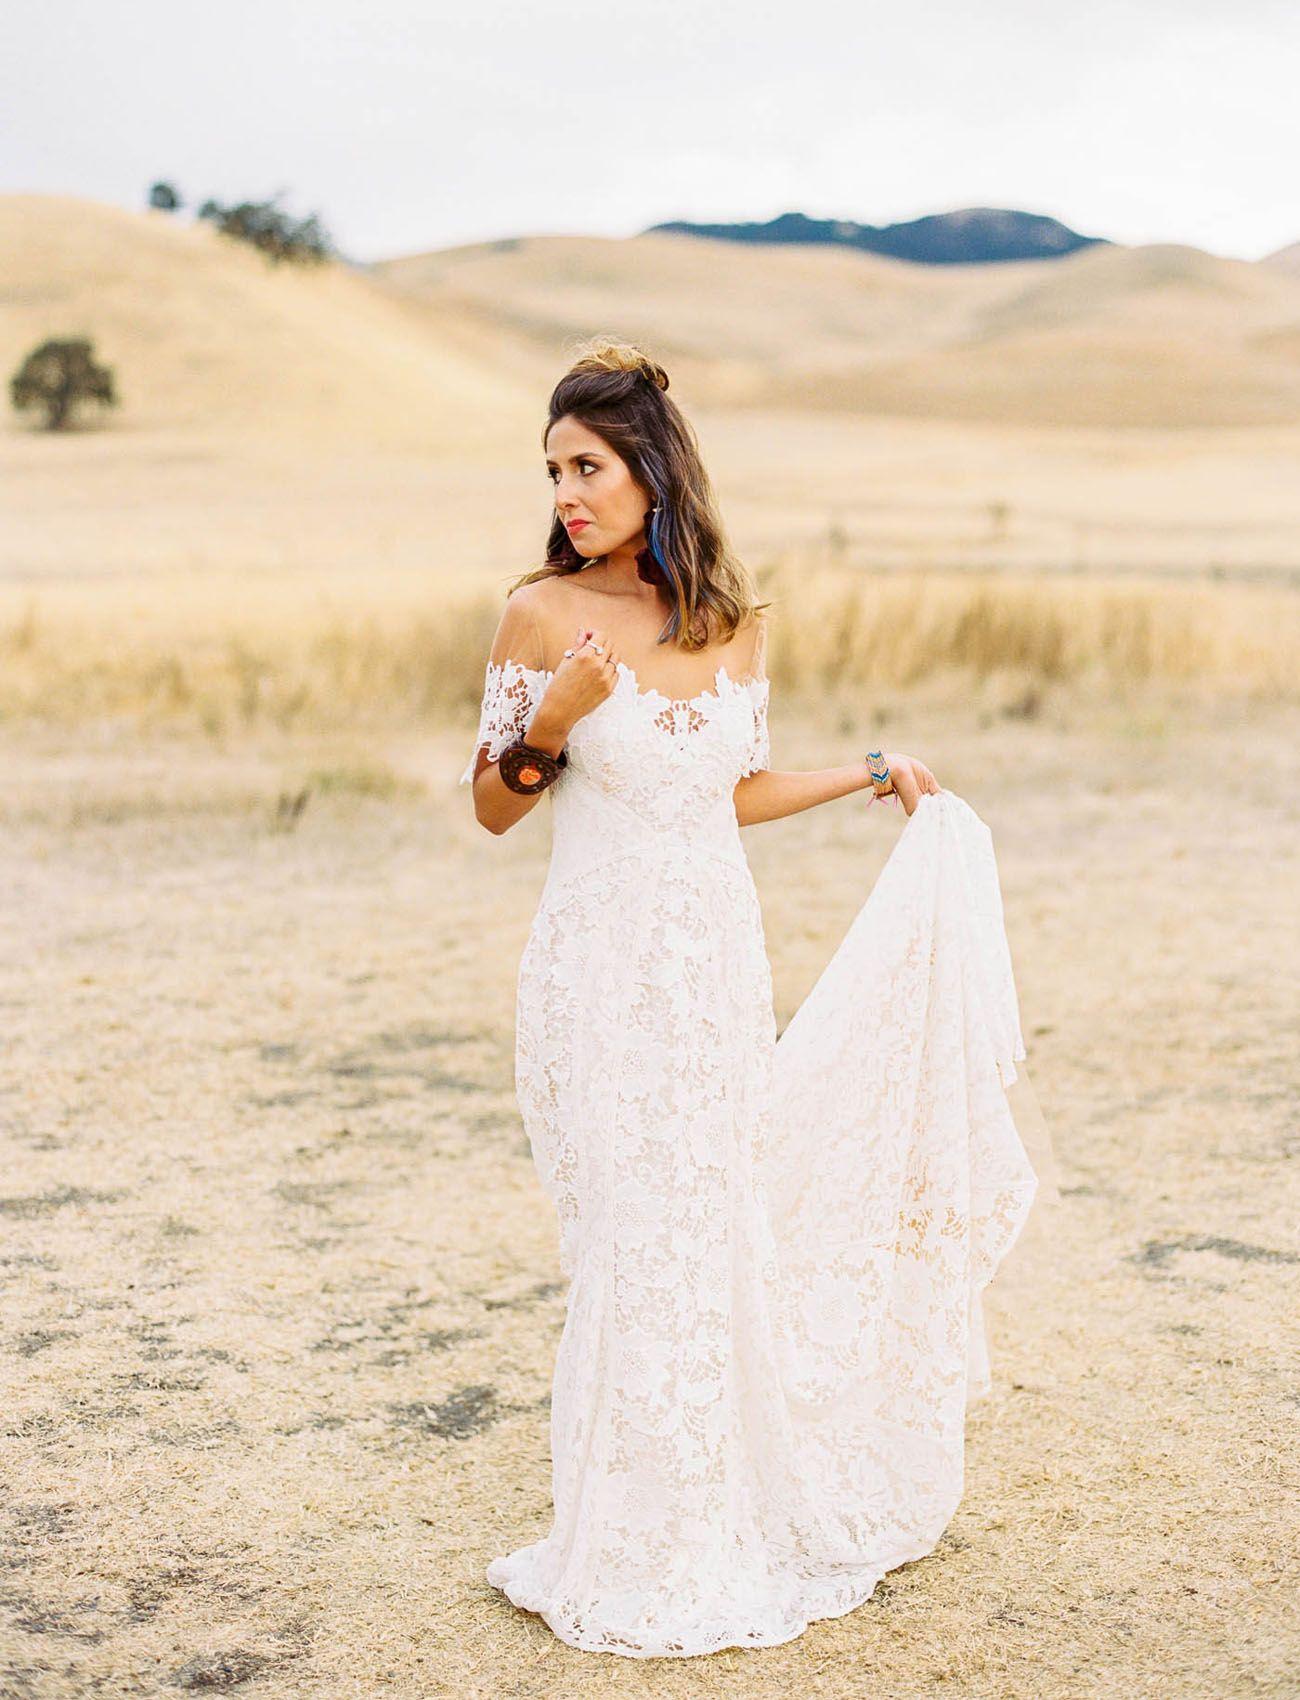 Sultry southwestern edgy meets bold boho wedding inspiration boho